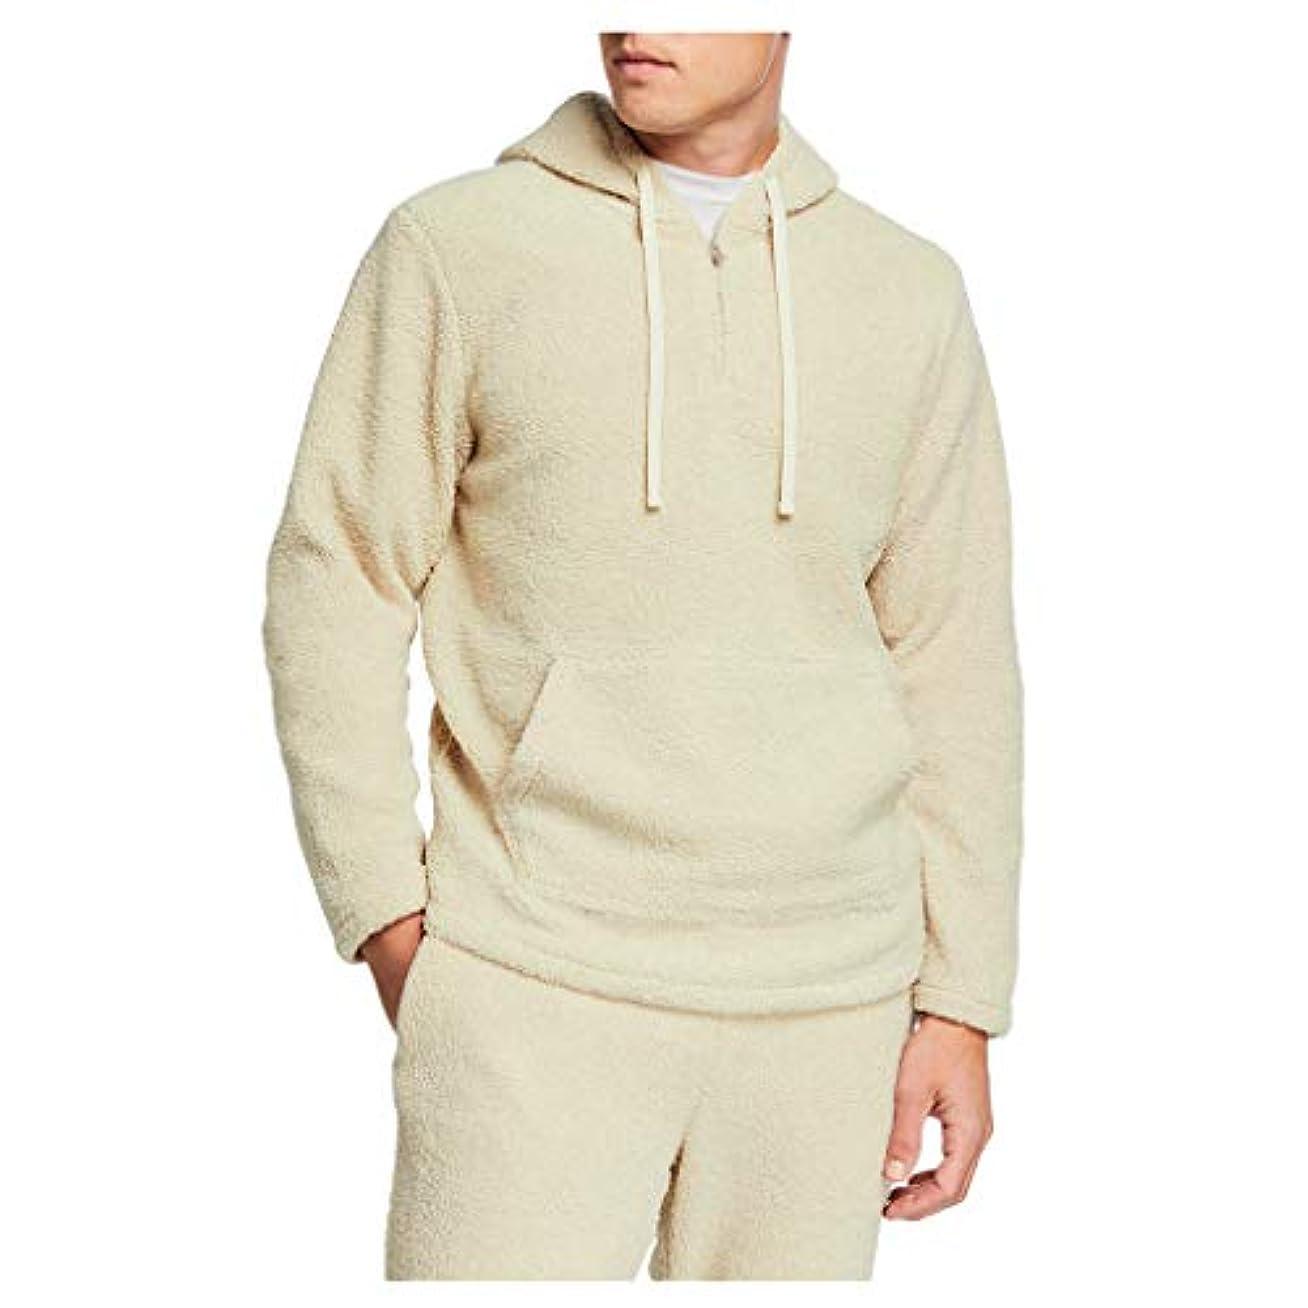 熱心な避けられない衰えるハイネック セーター 韓国 ファッション 冬 長袖 メンズ メンズ セーター クルーネック ニットセーター グラデーション カットソー トップス カジュアル 無地 丸首 ストリート アウトドア ゆったり 中厚